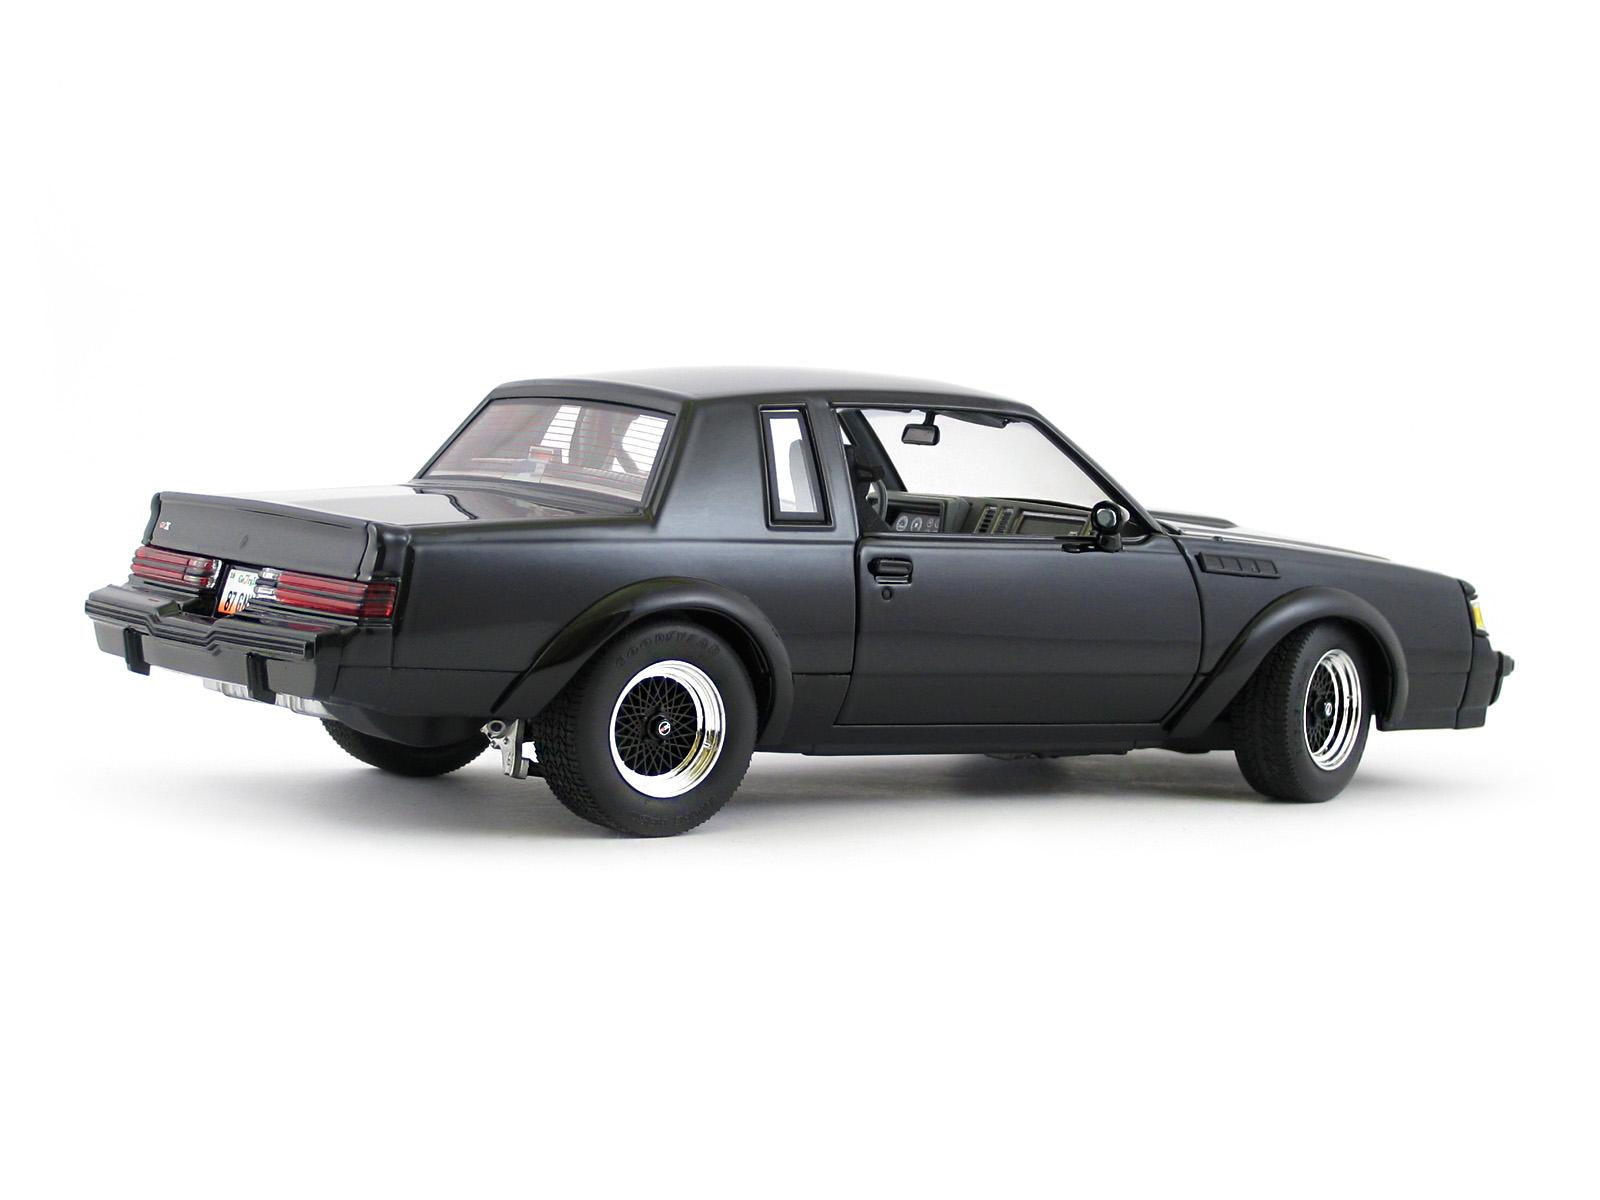 1987 Buick Gnx Gmp